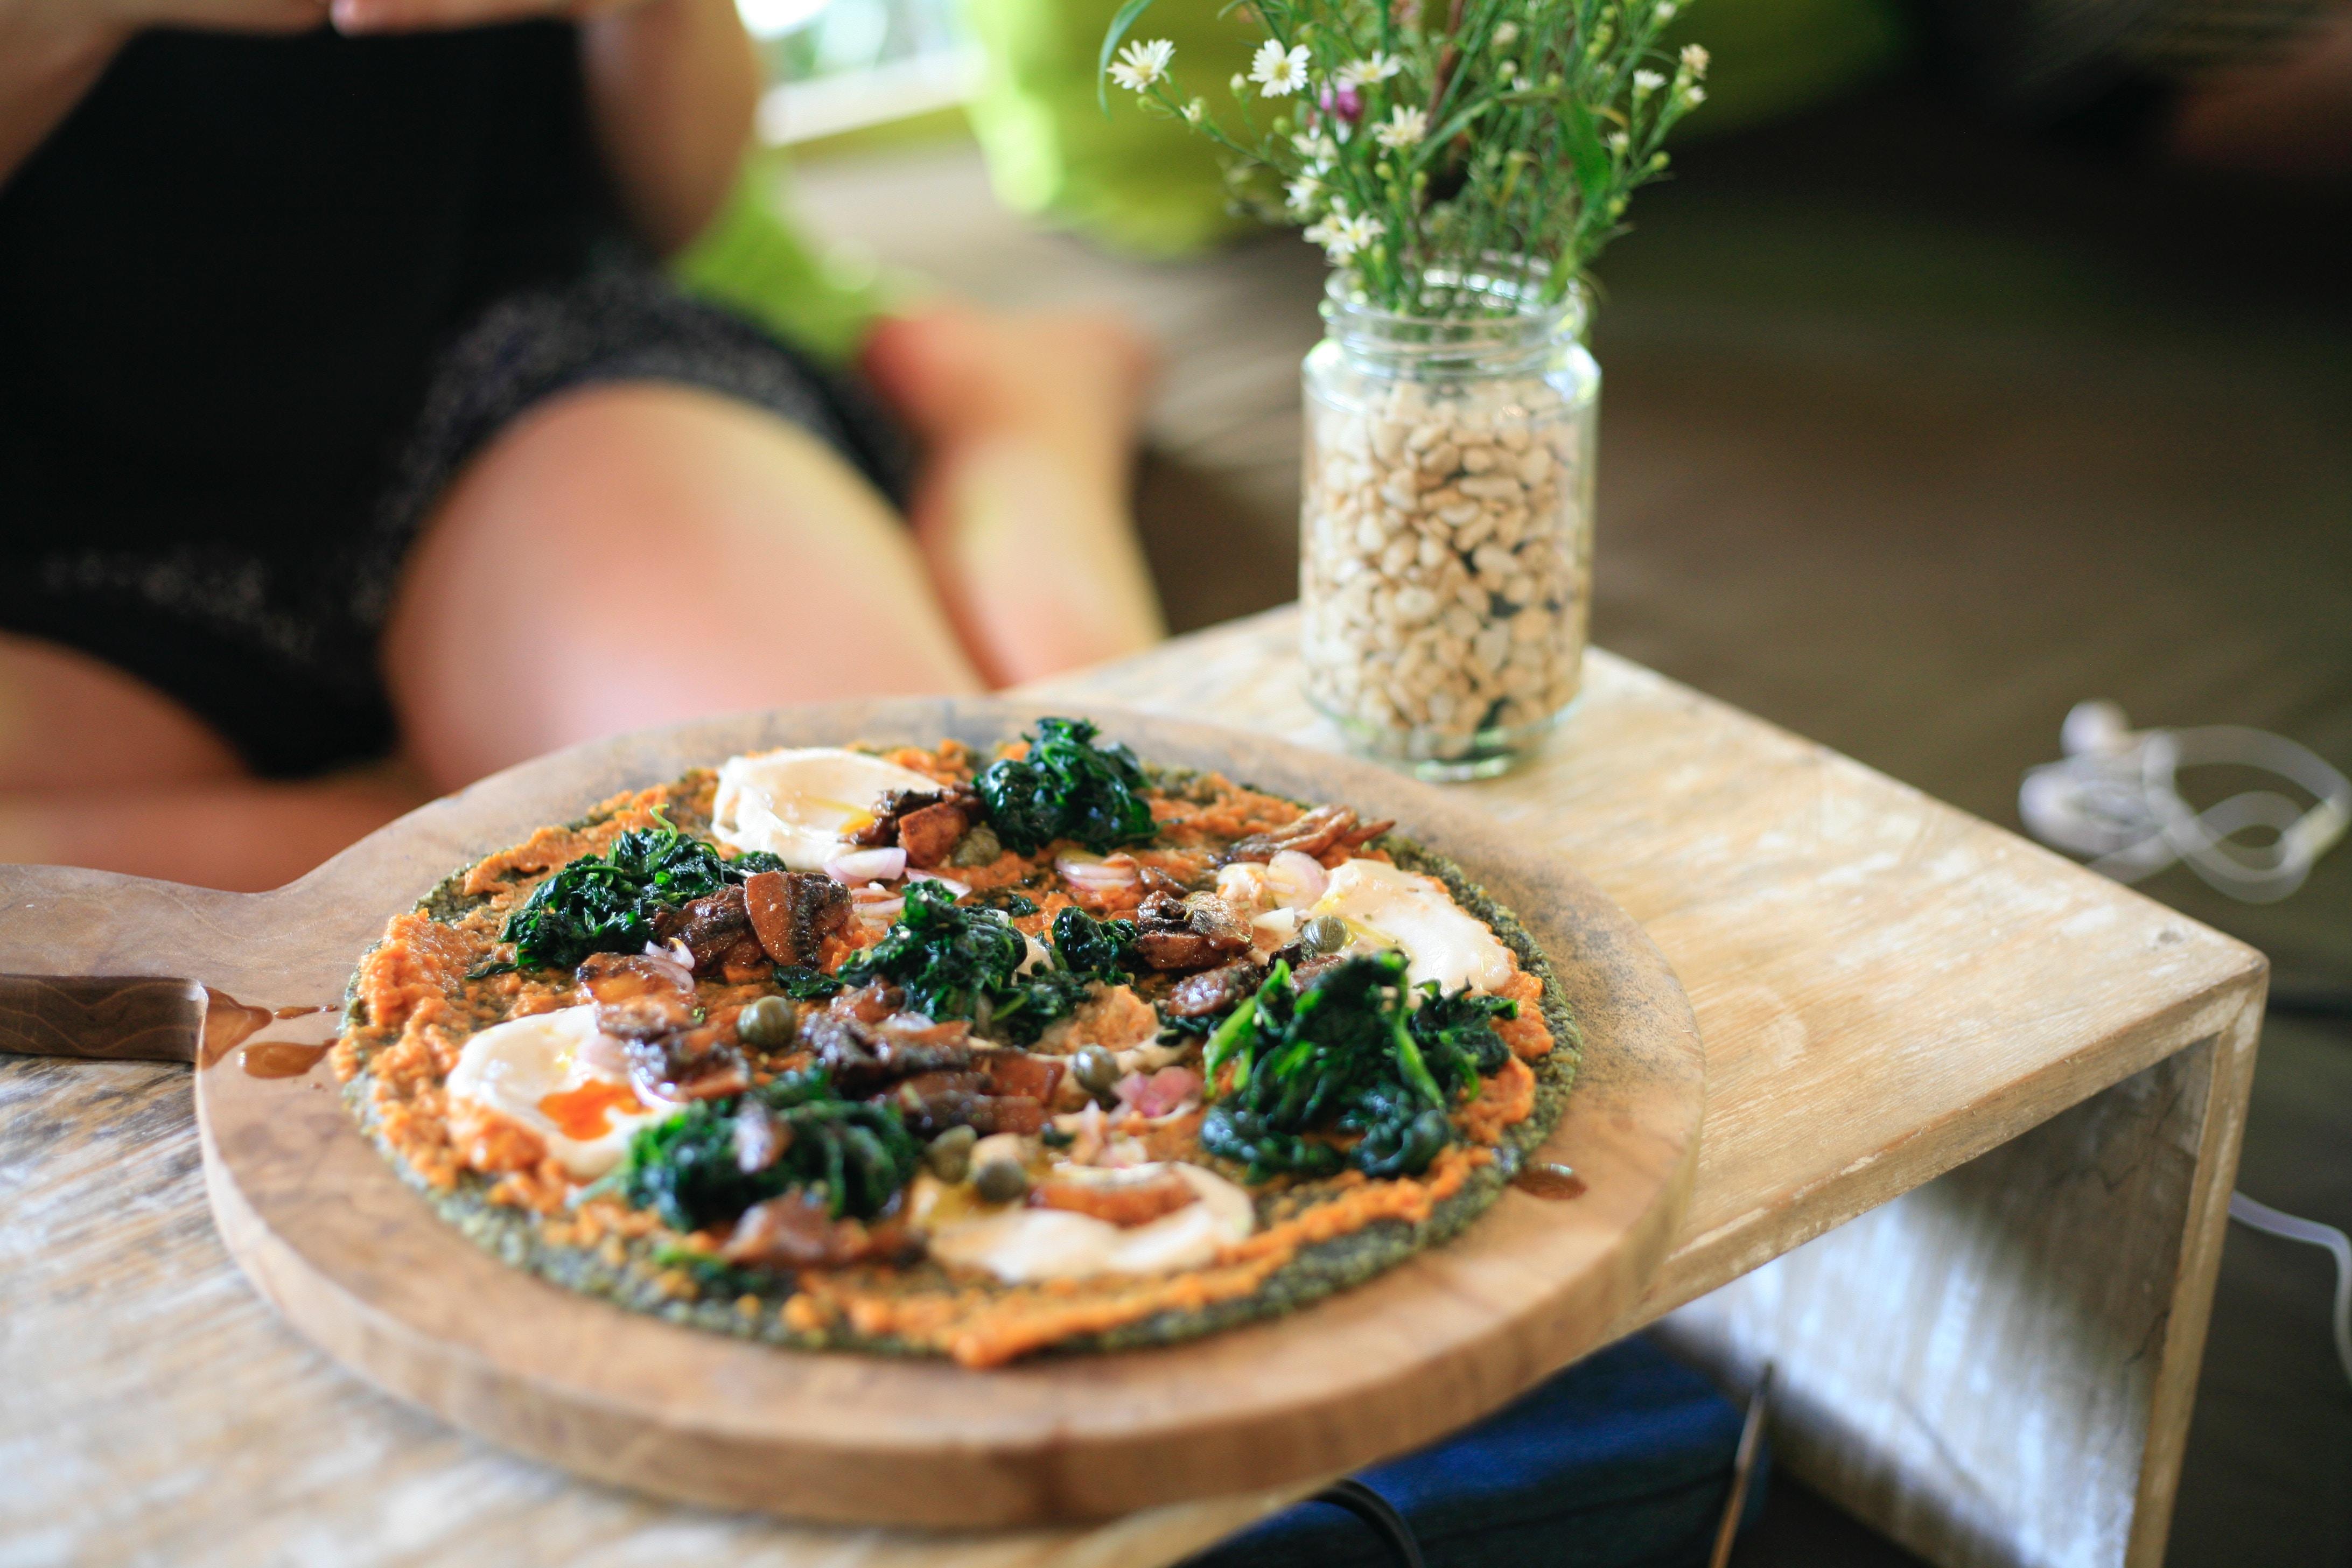 The 5 Best Vegan Restaurants In The Hackney Borough